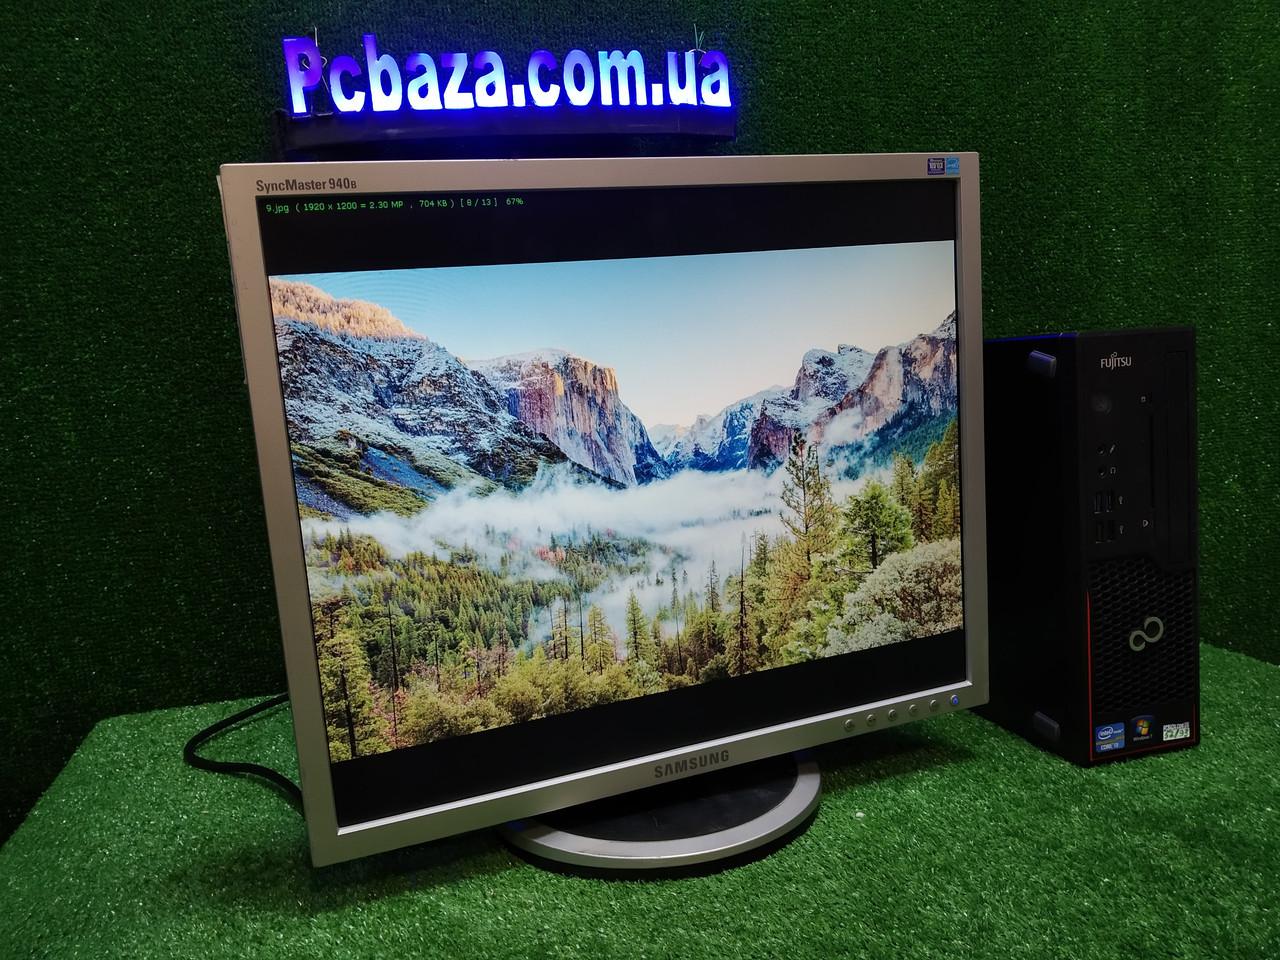 """ПК + монитор 19"""", i3-3220 3.3, 4 ГБ, 160 Гб, 2xCOM, 10 USB, USB 3.0 Настроен. Германия! ОПТ"""